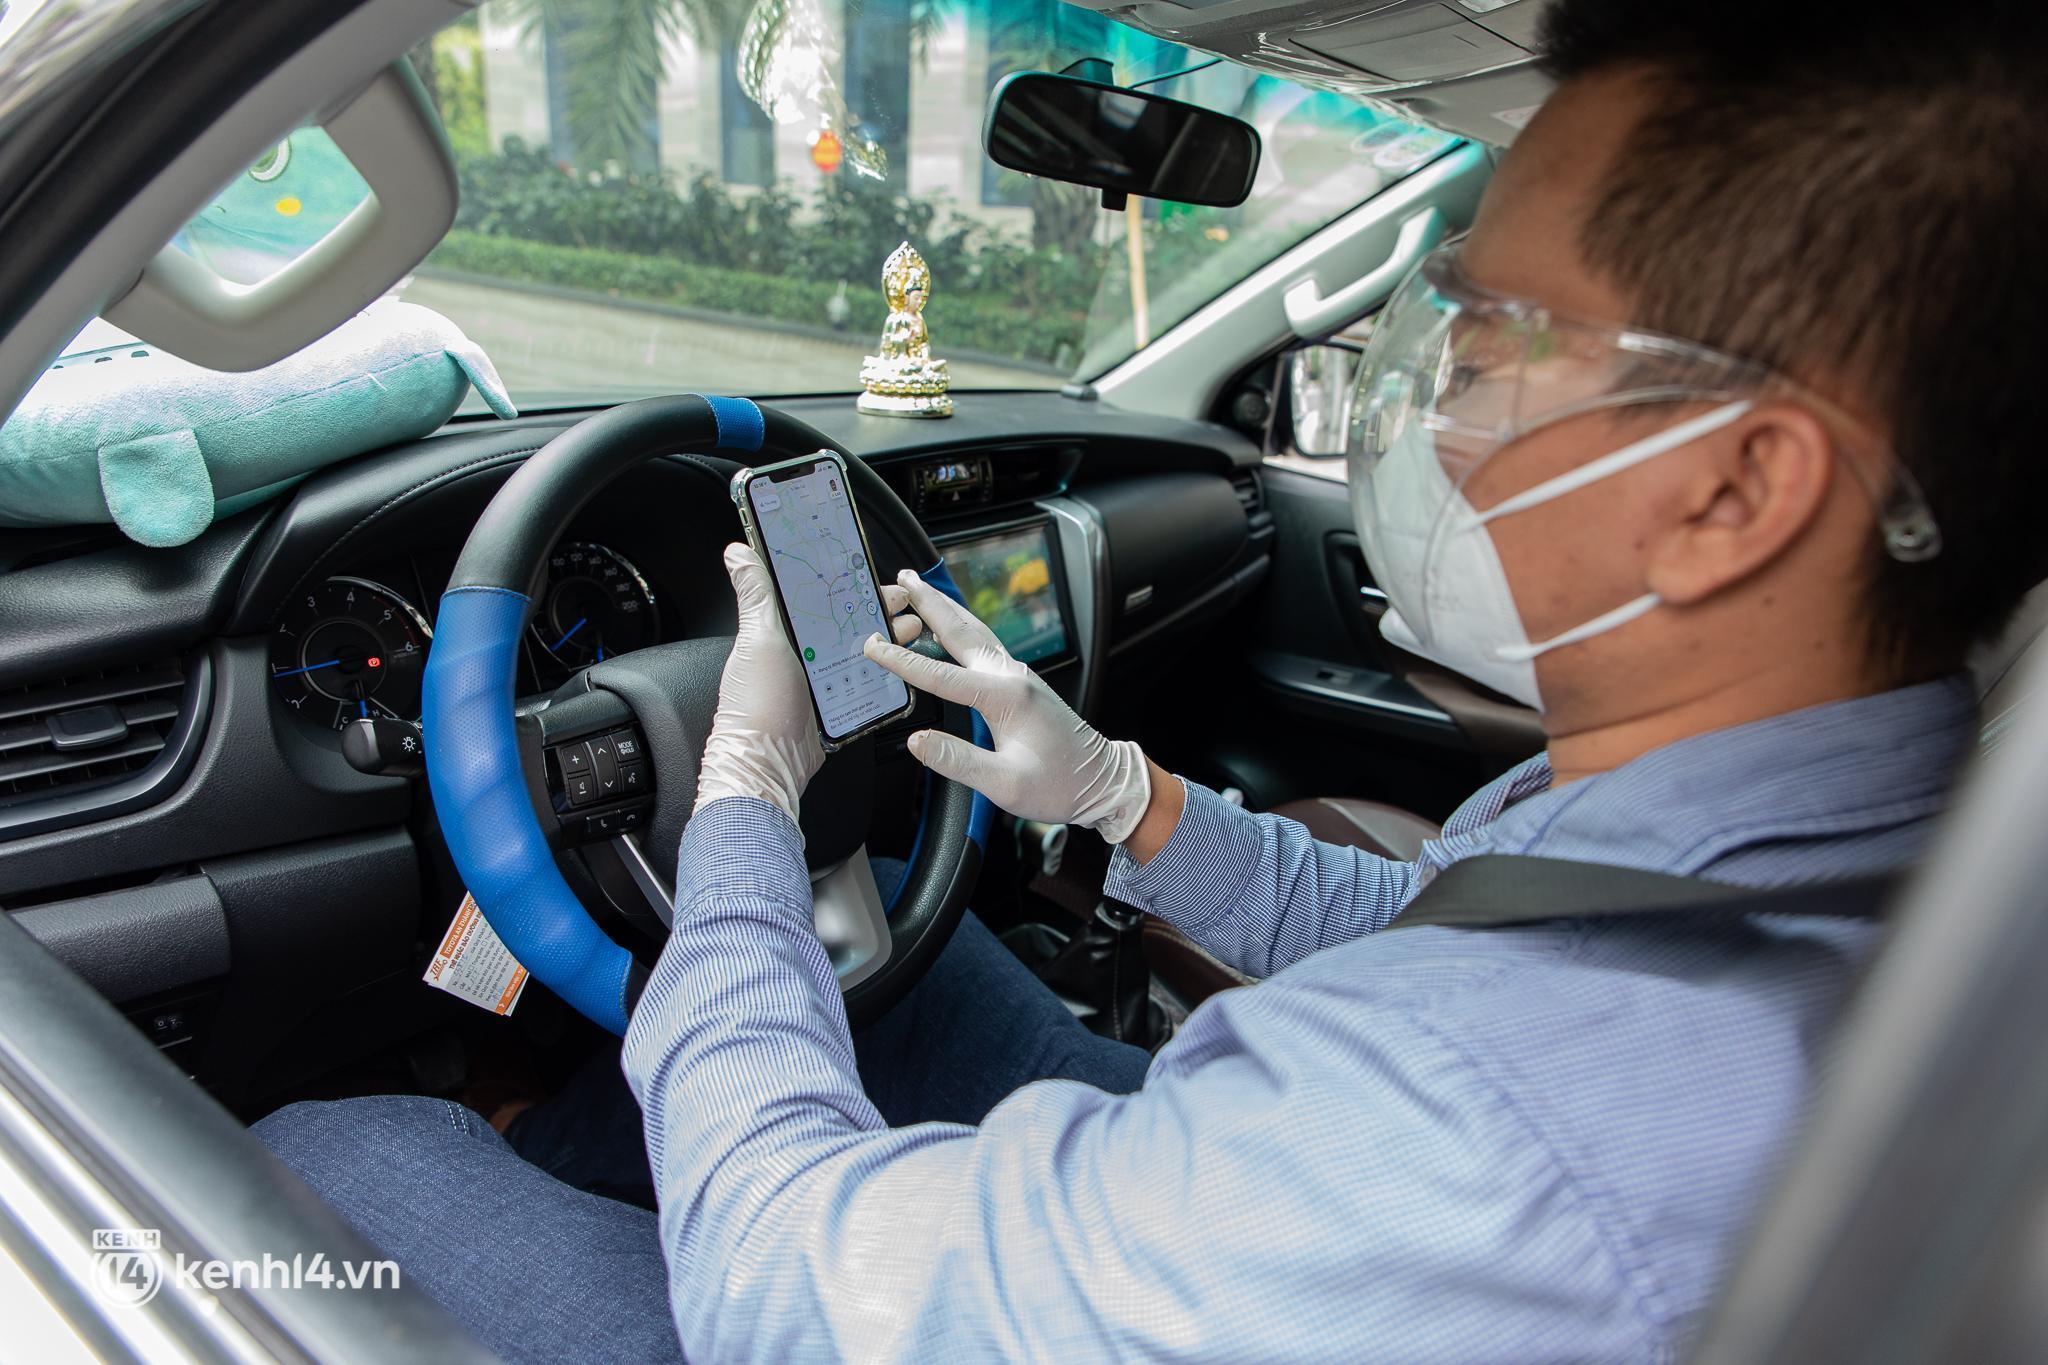 Sài Gòn nới lỏng giãn cách xã hội, bác tài phấn khởi ngày hoạt động trở lại với dịch vụ GrabCar Protect - Ảnh 11.